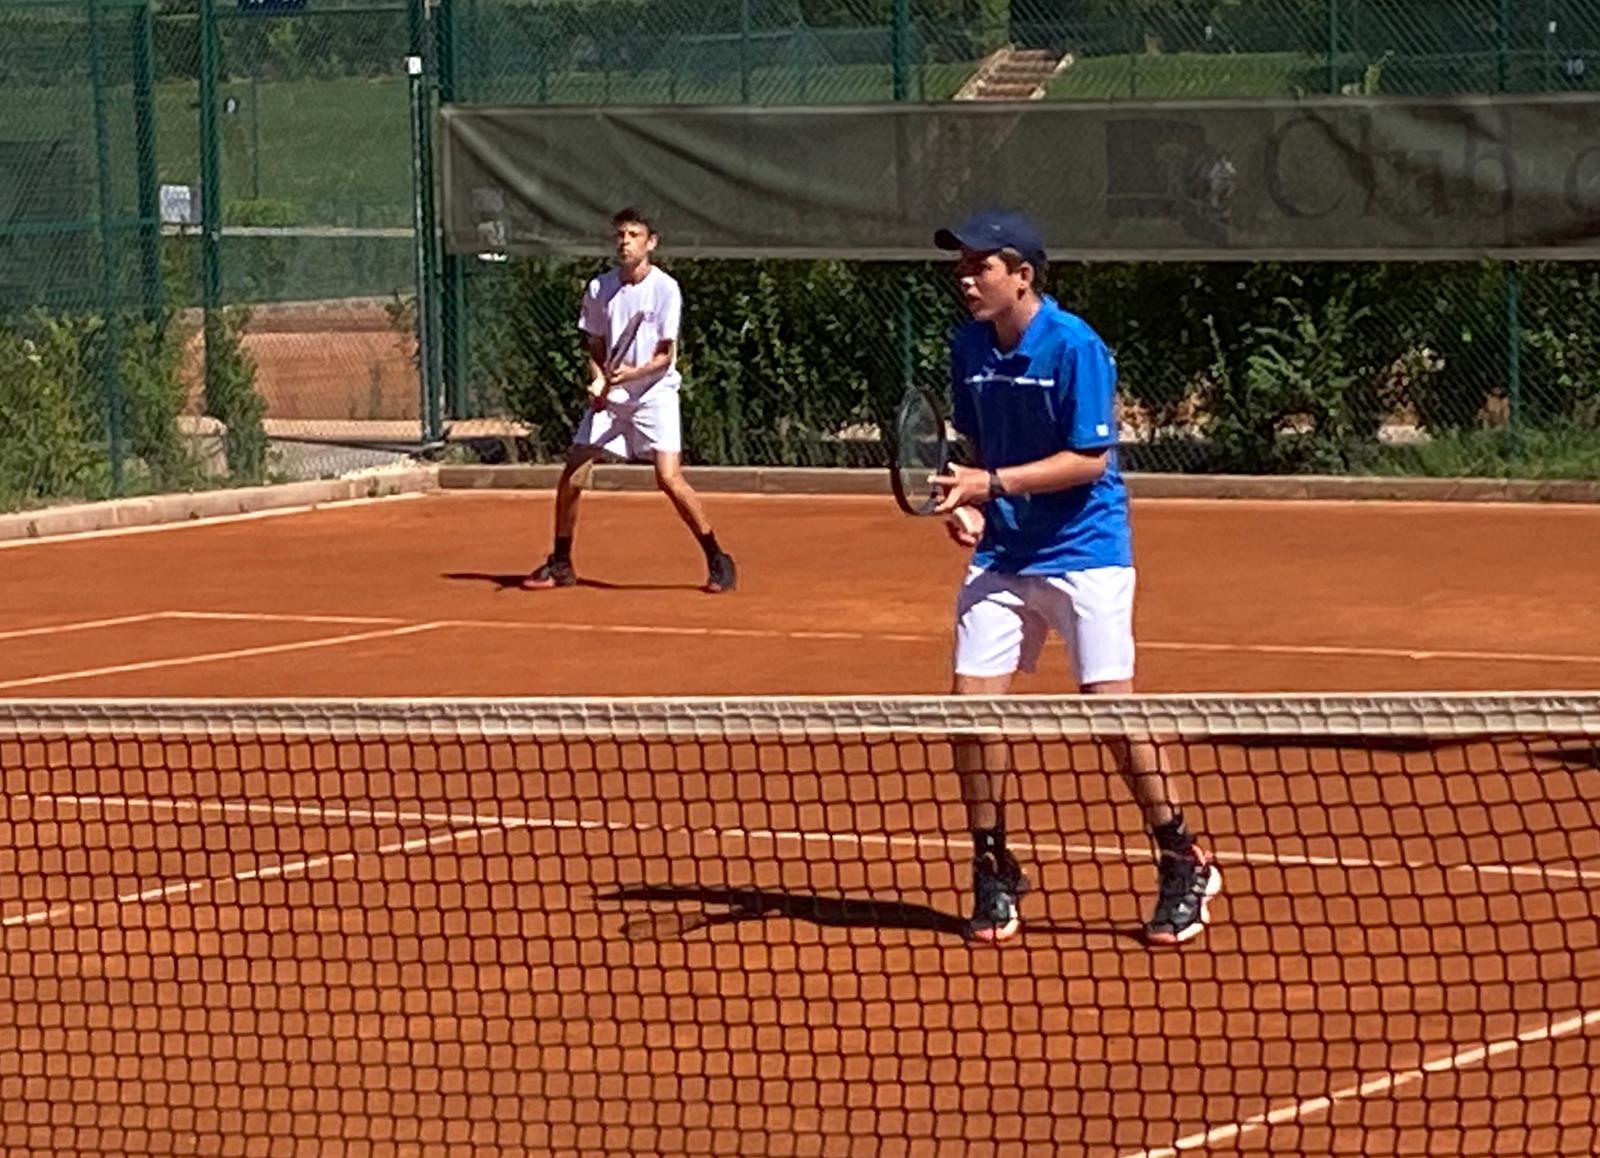 Los campeones de dobles, Luis Llorens (dcha.) y Bernardo Munk. Foto: FTM